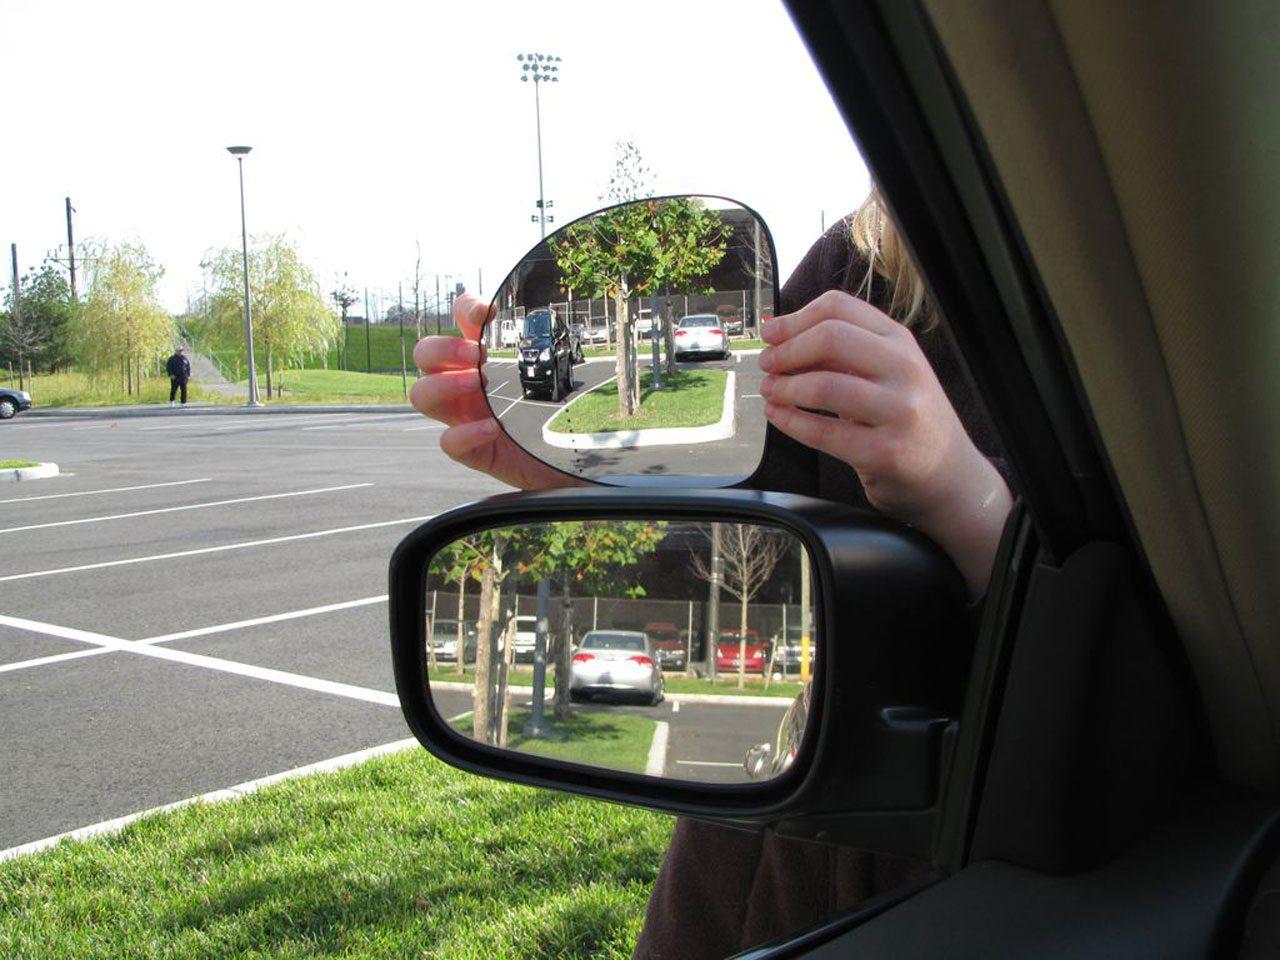 Sicurezza stradale, brevettato uno specchio che impedisce punti ciechi